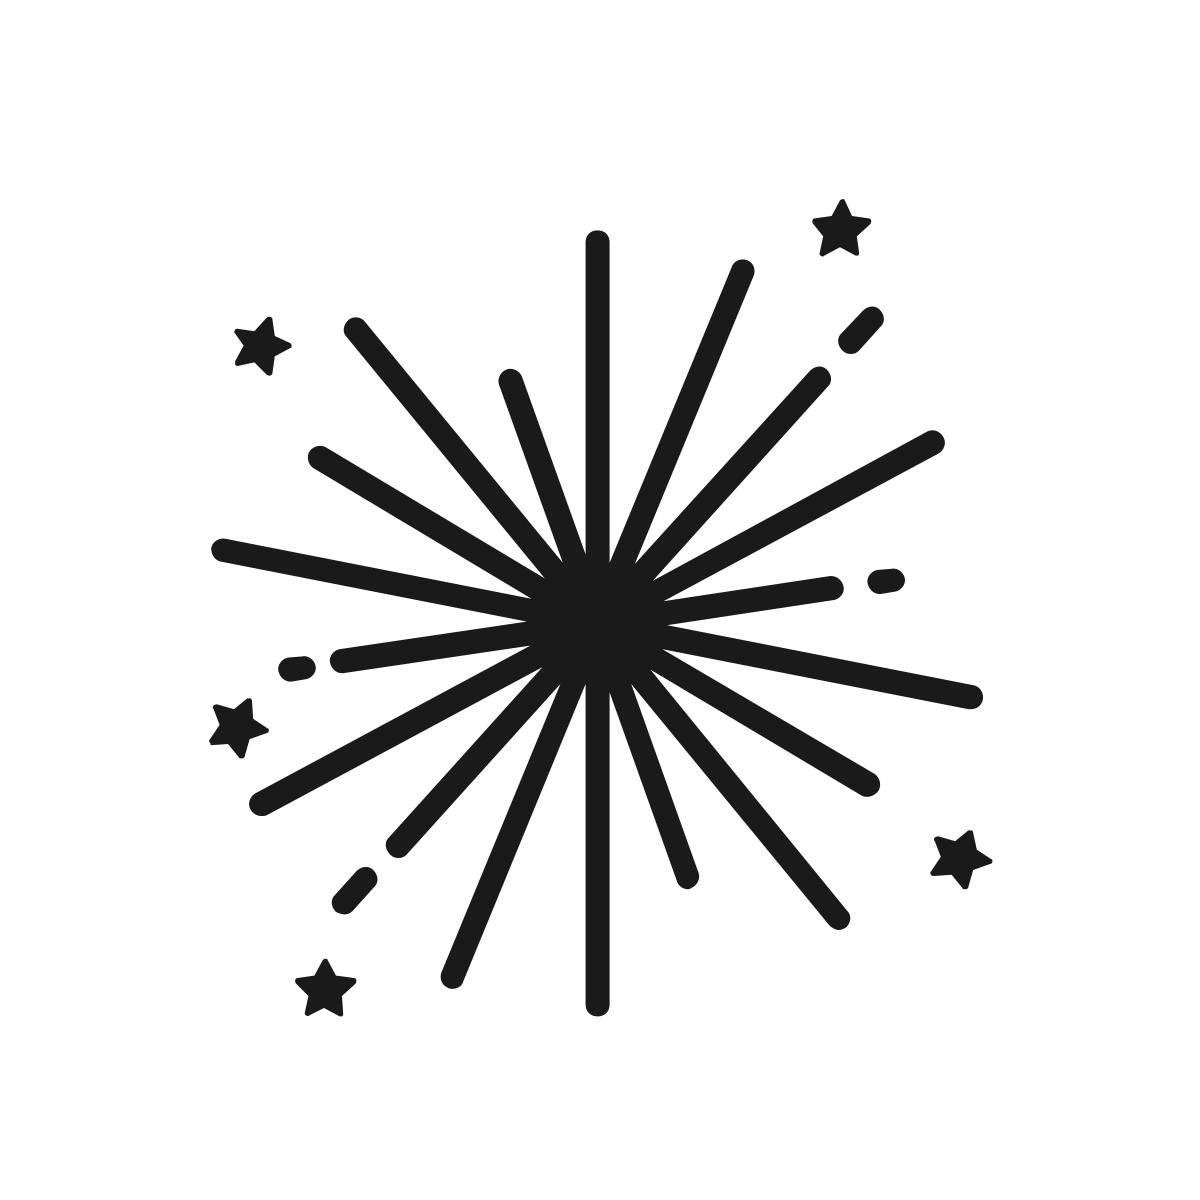 noun_Fireworks_716908_1A1A1A.png